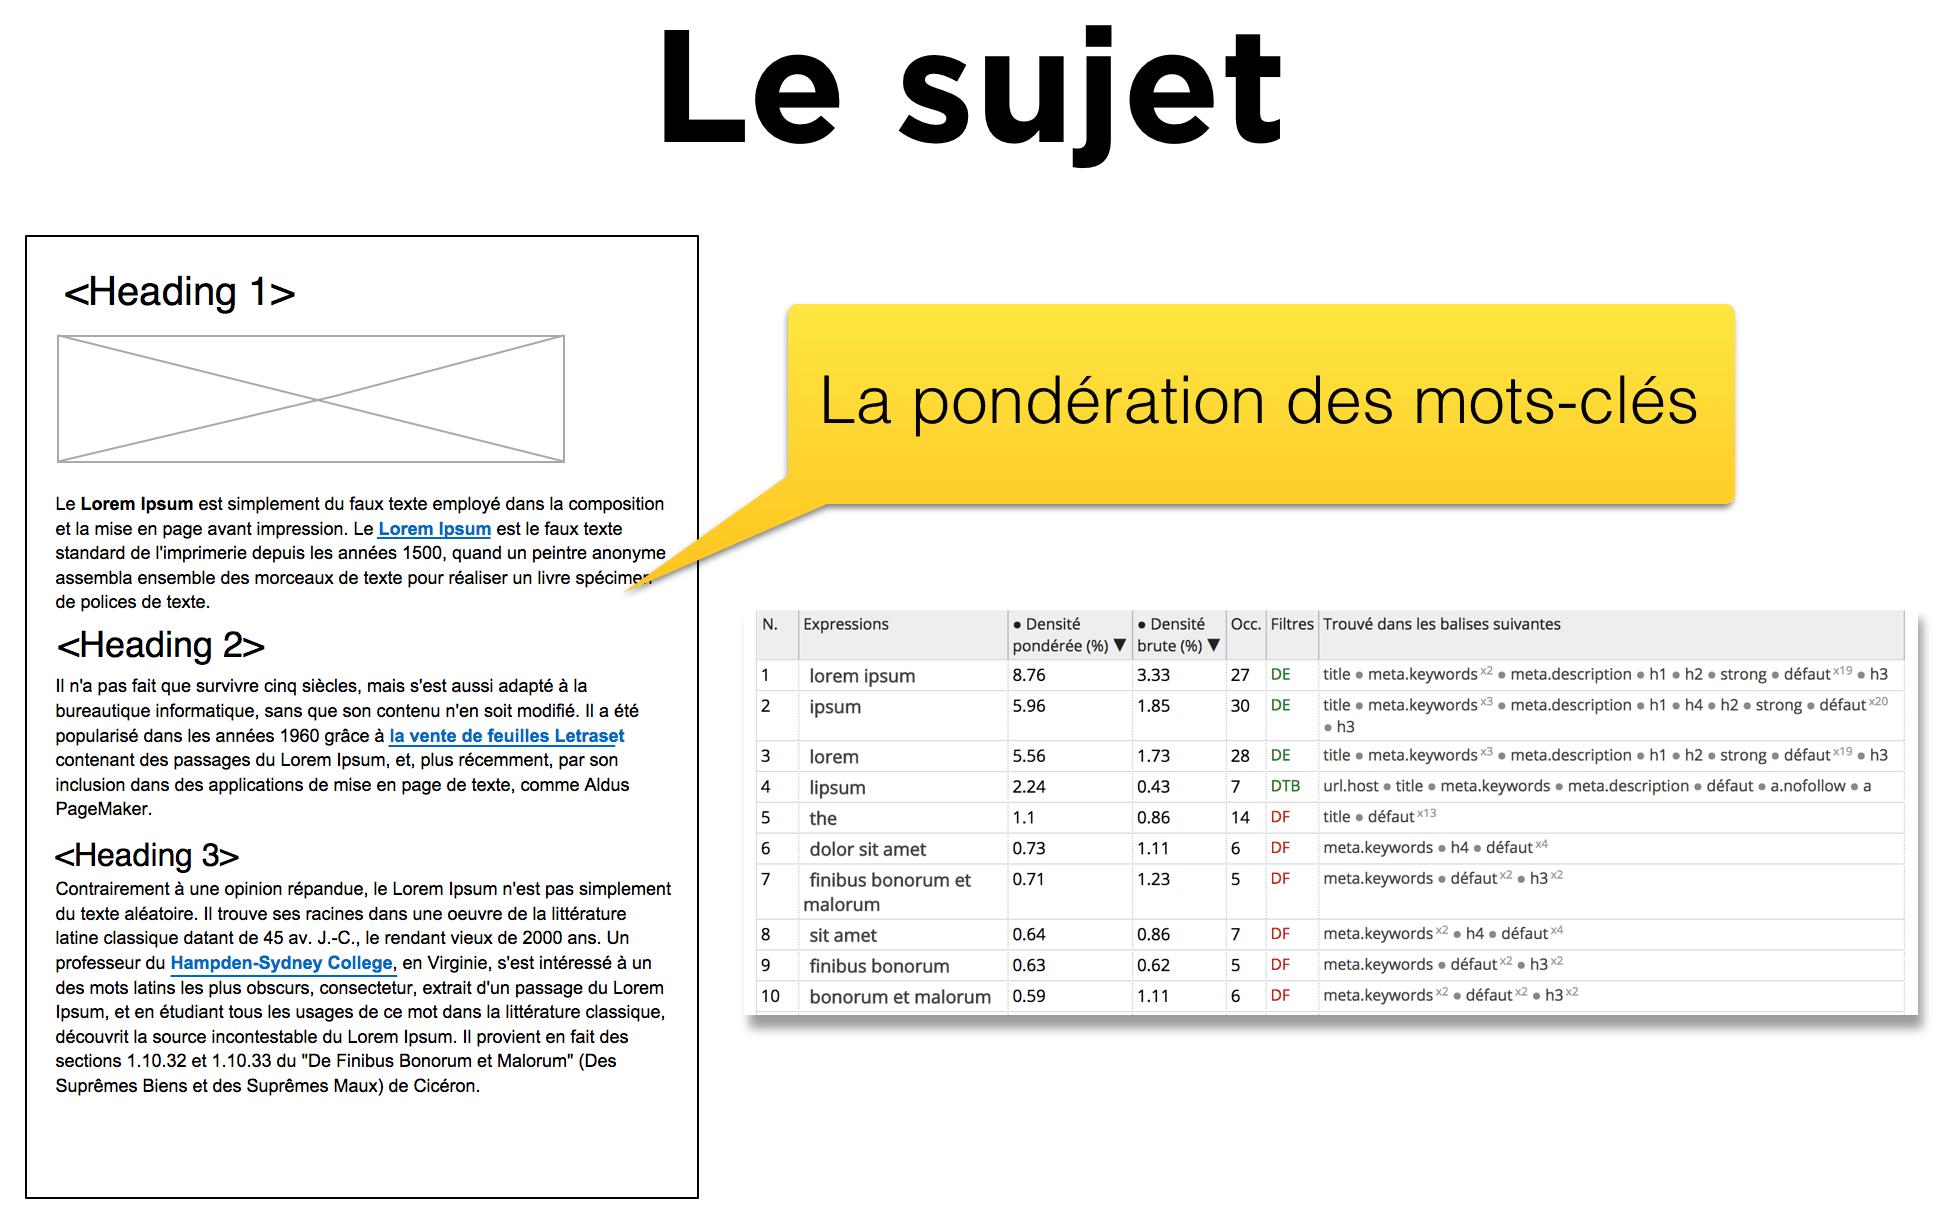 WPSearchConsole optimiser le sujet de la page